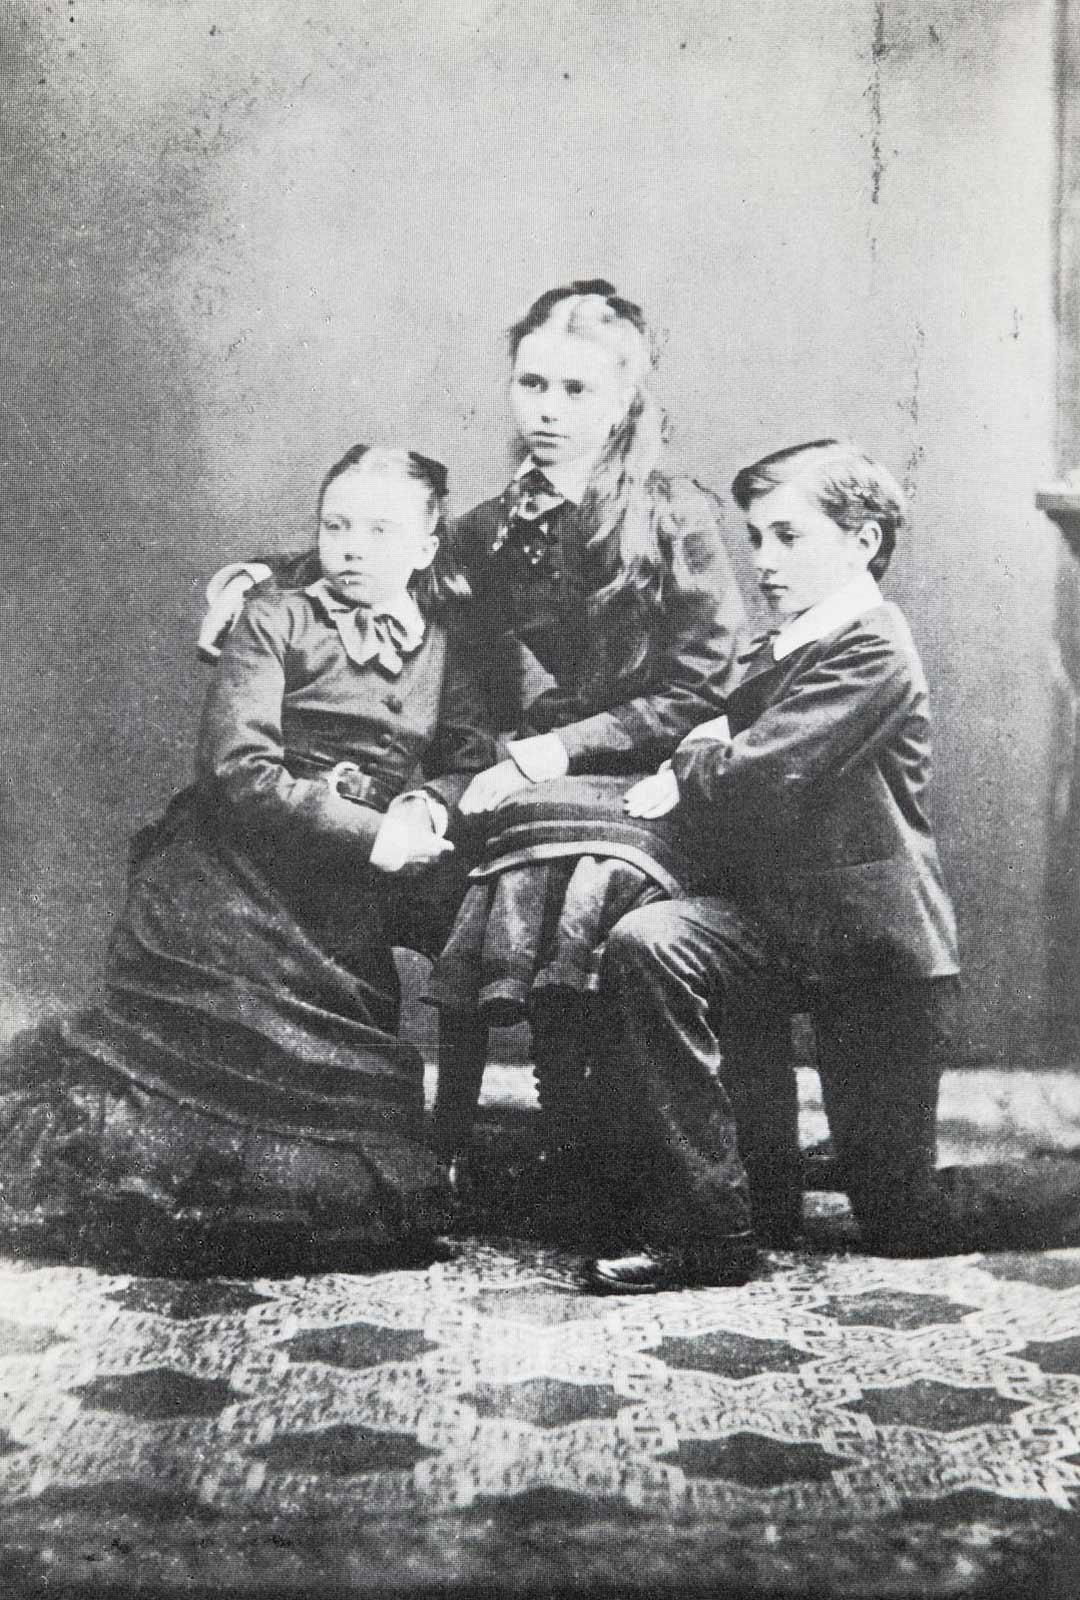 Marie Linder kärsi joutuessaan olemaan pitkiä aikoja erossa lapsistaan, kun hän hoidatti itseään Euroopan parantoloissa. Kuvassa vasemmalta Marie, Emelie ja Hjalmar, josta tuli aikanaan Suomen rikkain mies. Kun Linderit olivat vuonna 1868 taas kerran avioeron partaalla, heidän kerrottiin alustavasti sopineen, että äiti huolehtisi pienestä Mariesta ja isä vanhemmista lapsista.